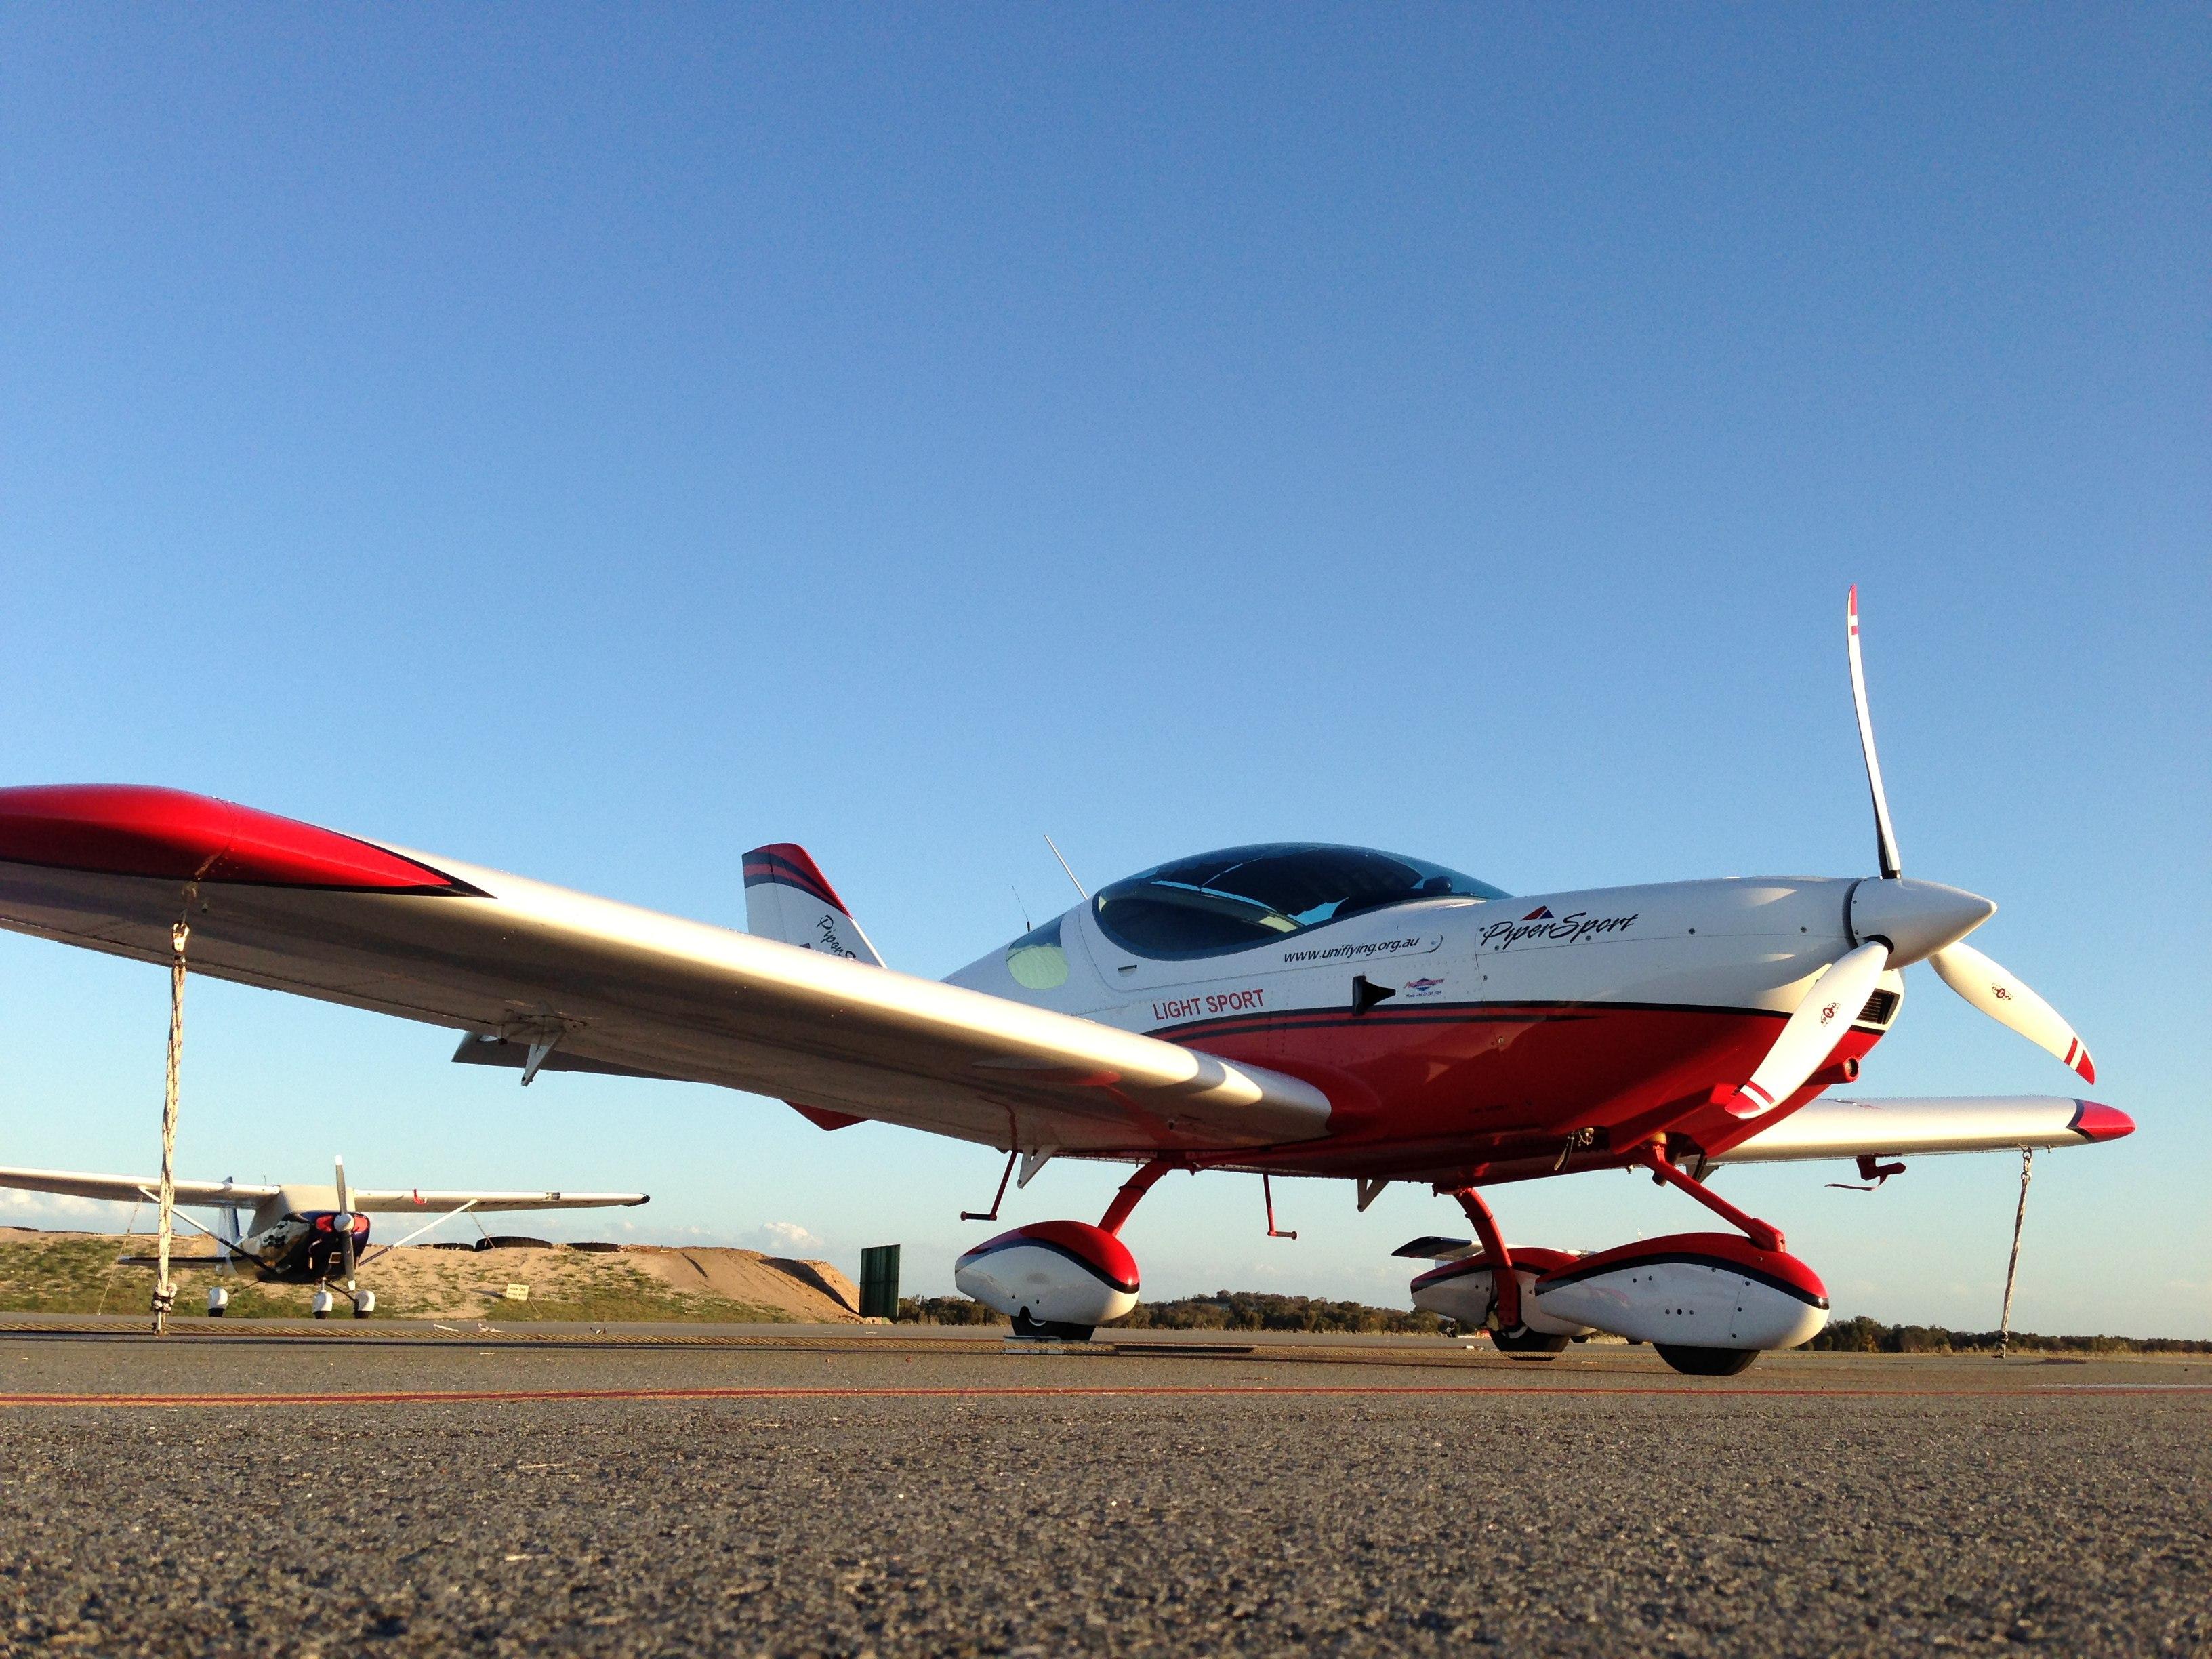 VH-EZT new sensenich propeller jandakot